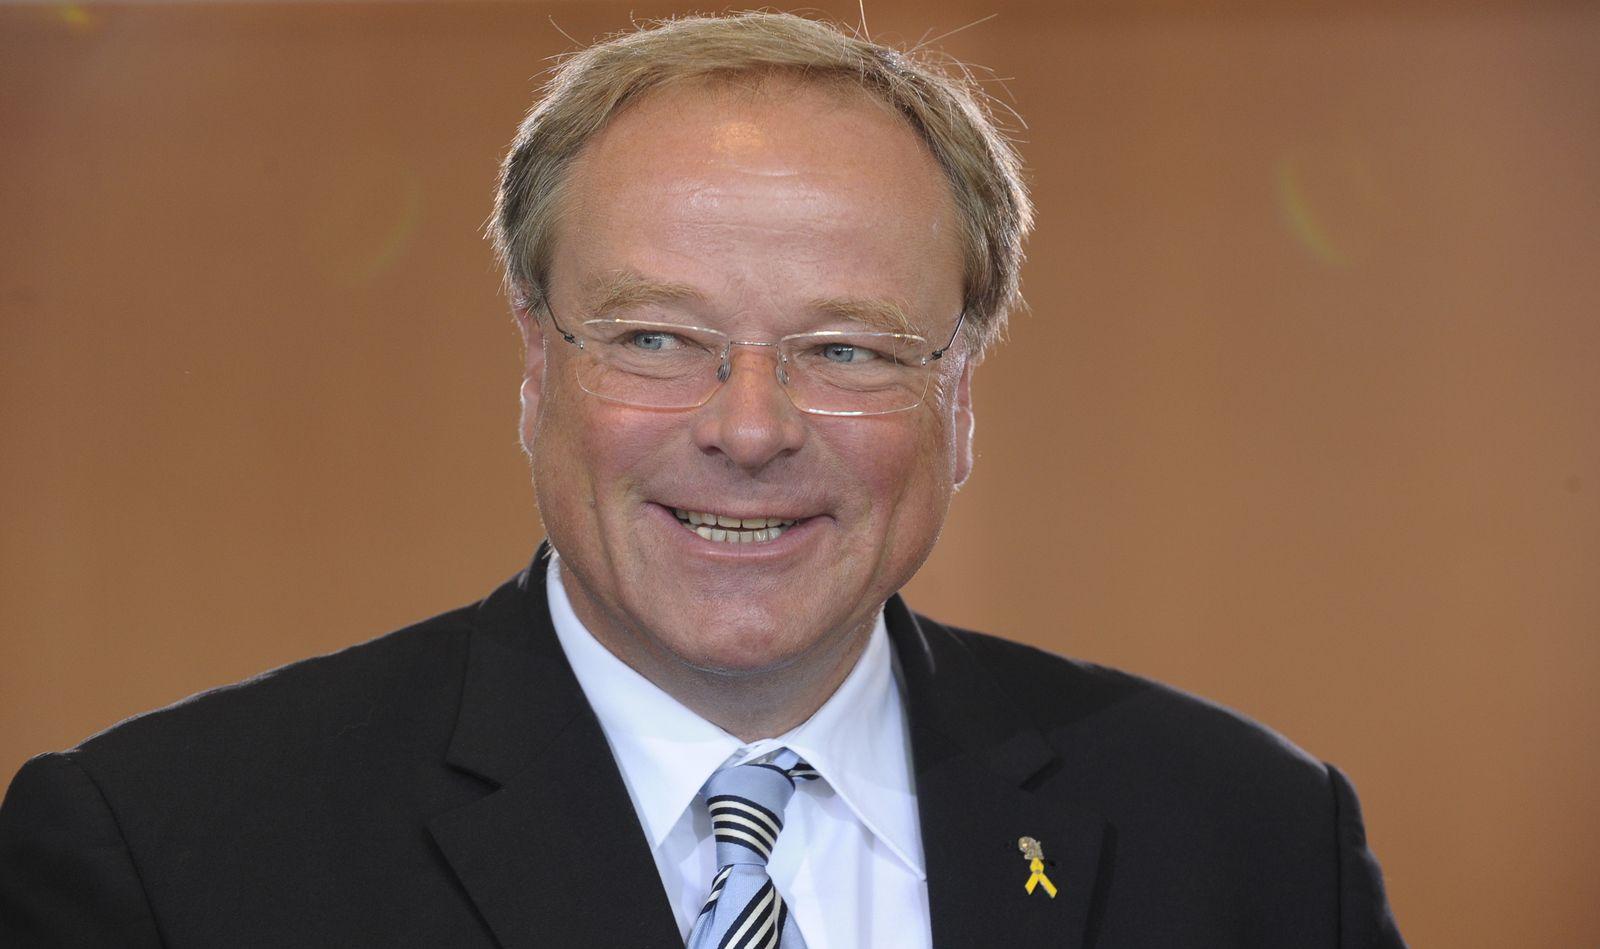 NICHT VERWENDEN Dirk Niebel